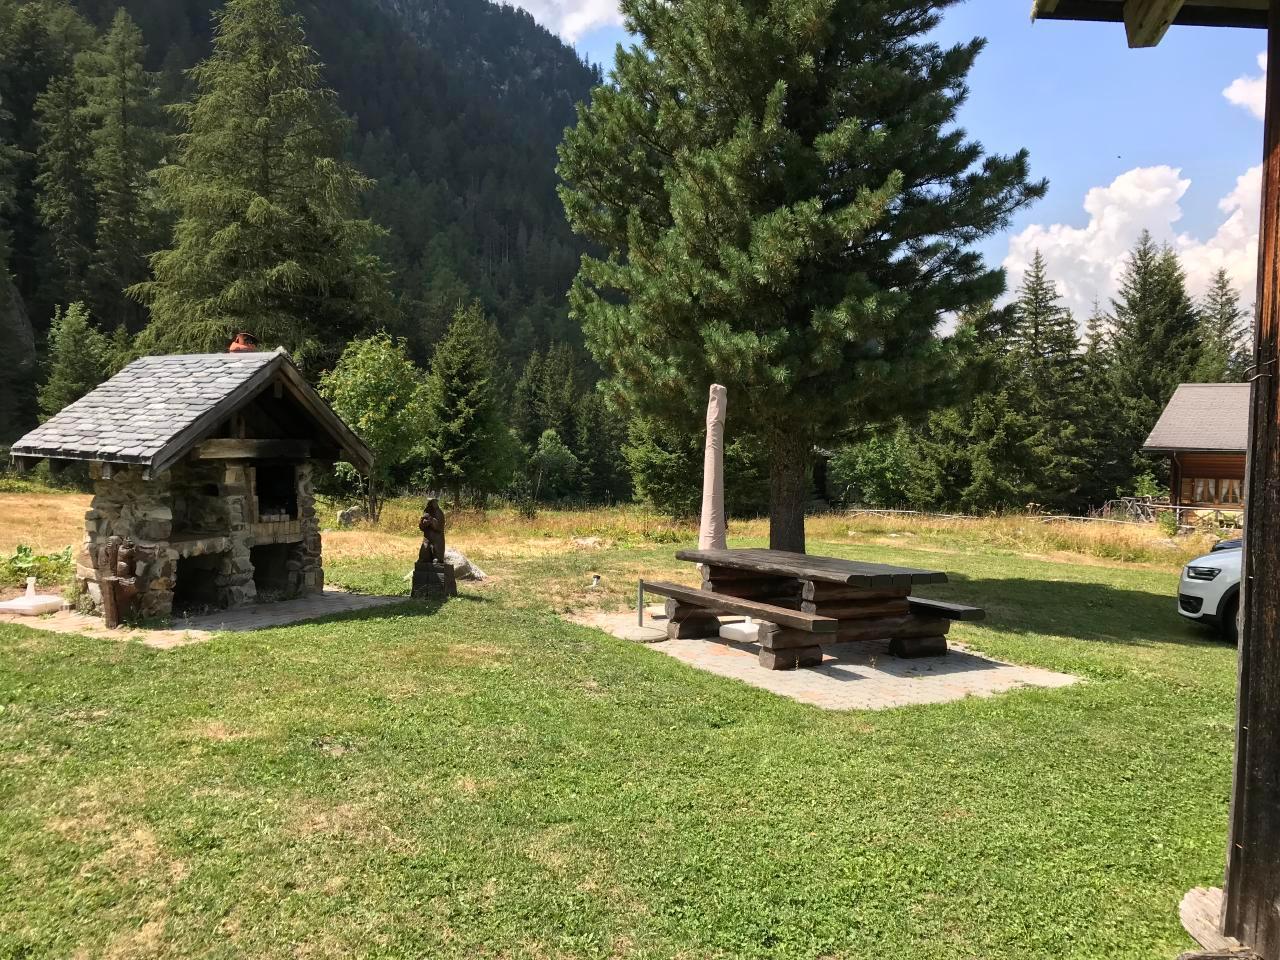 Ferienhaus Chalet Le Grandzon **** (bis 8 Personen) (2513703), Champex-Lac, Val d'Entremont, Wallis, Schweiz, Bild 11